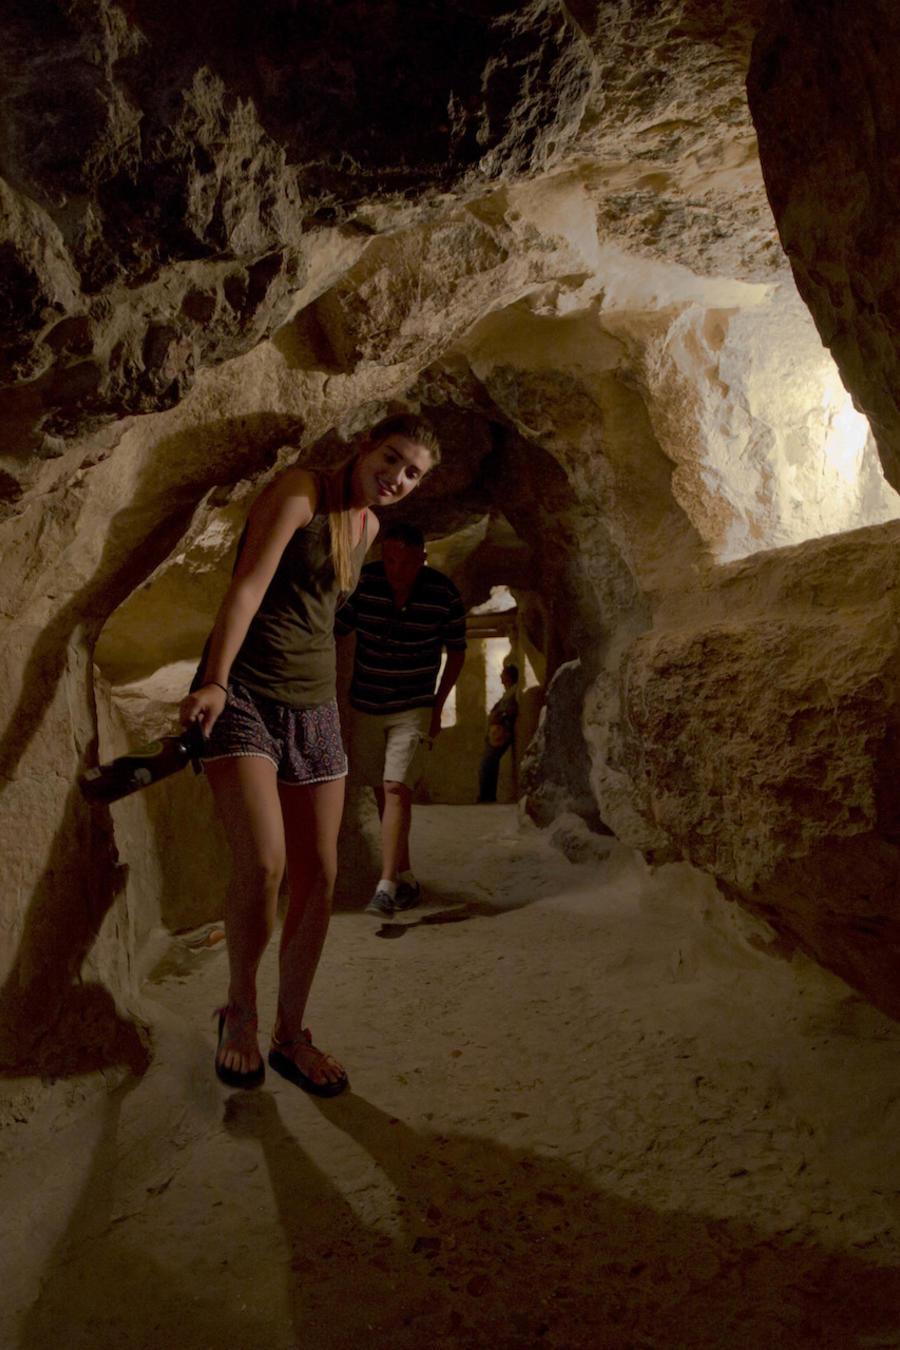 Turistas visitando la Gran Pirámide de Giza en junio de 2016.